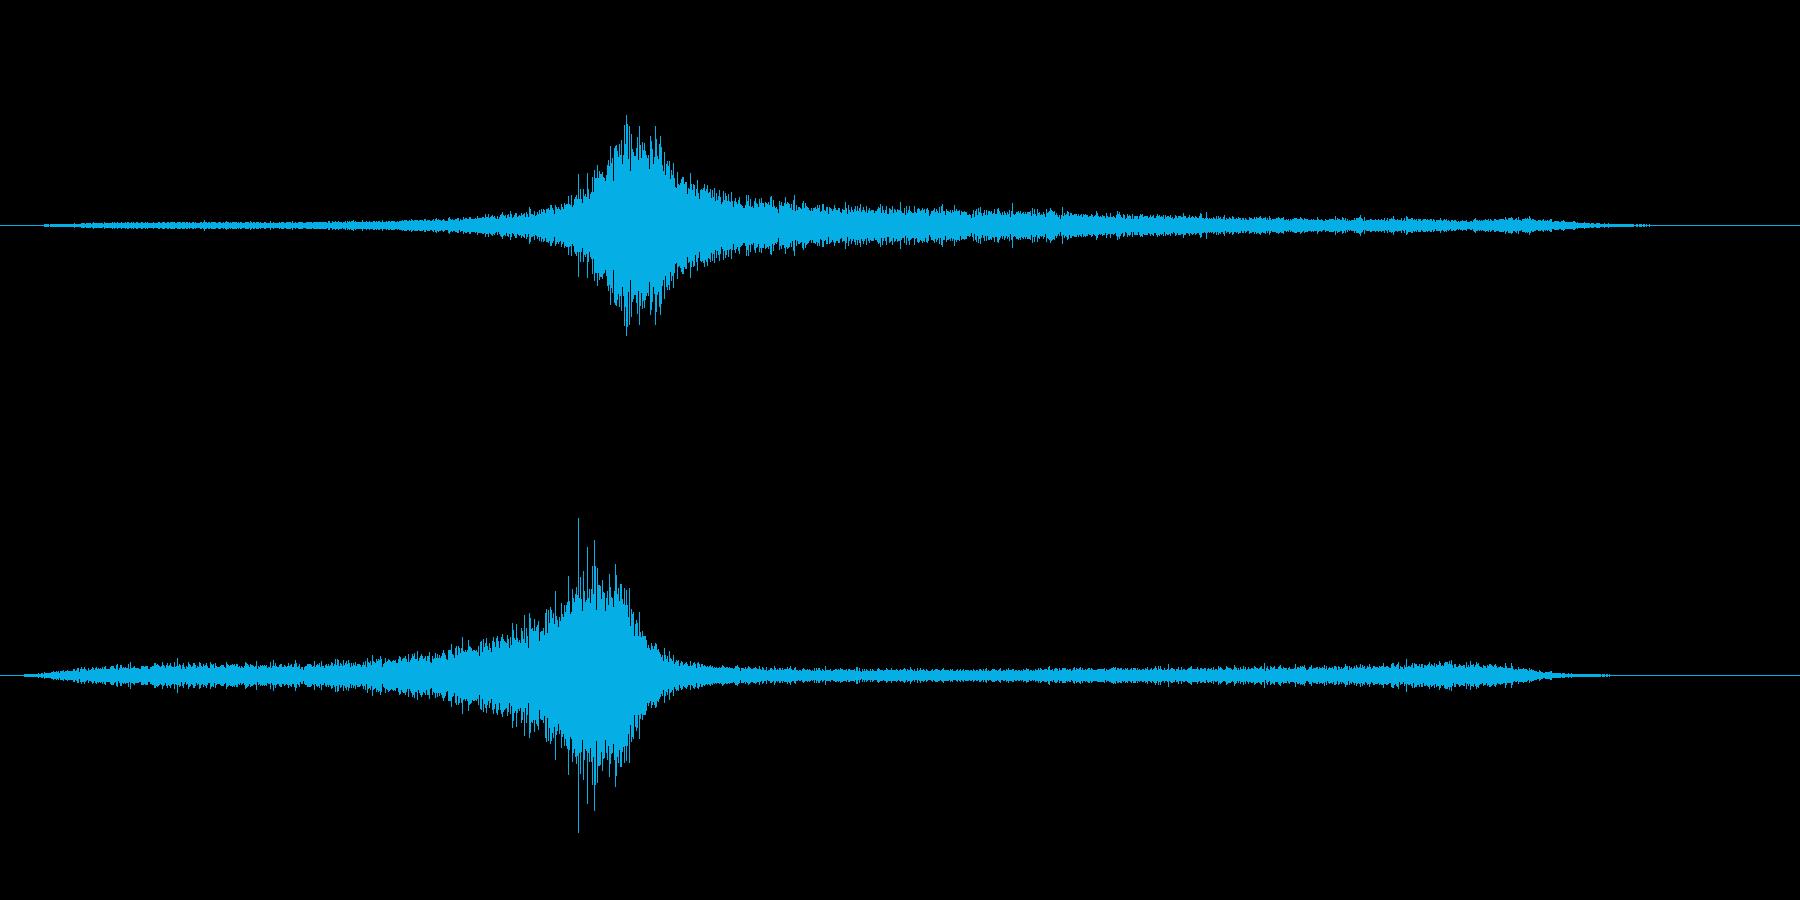 【生録音】 早朝の街 交通 環境音 10の再生済みの波形